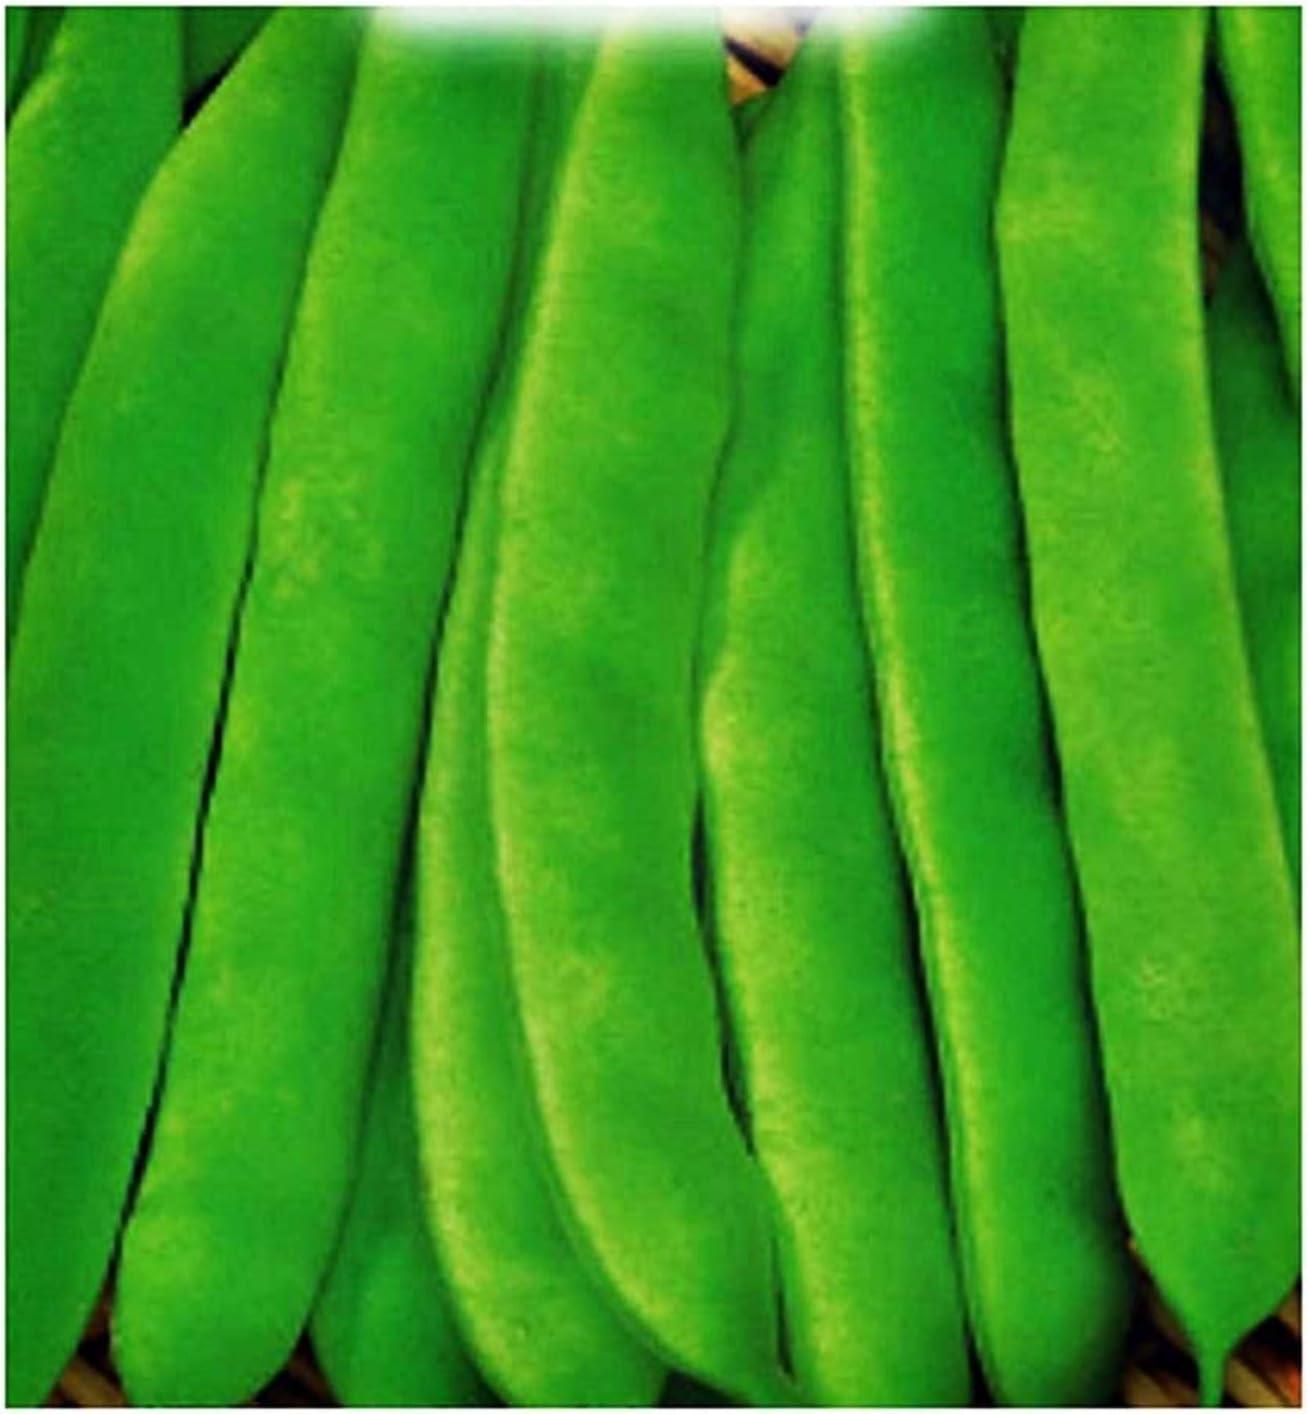 Semillas de frijol de Nassau - verduras - phaseolus vulgaris - fg021 - las mejores semillas de plantas - flores - frutas raras - frijoles - idea de regalo original - aproximadamente 400 semillas